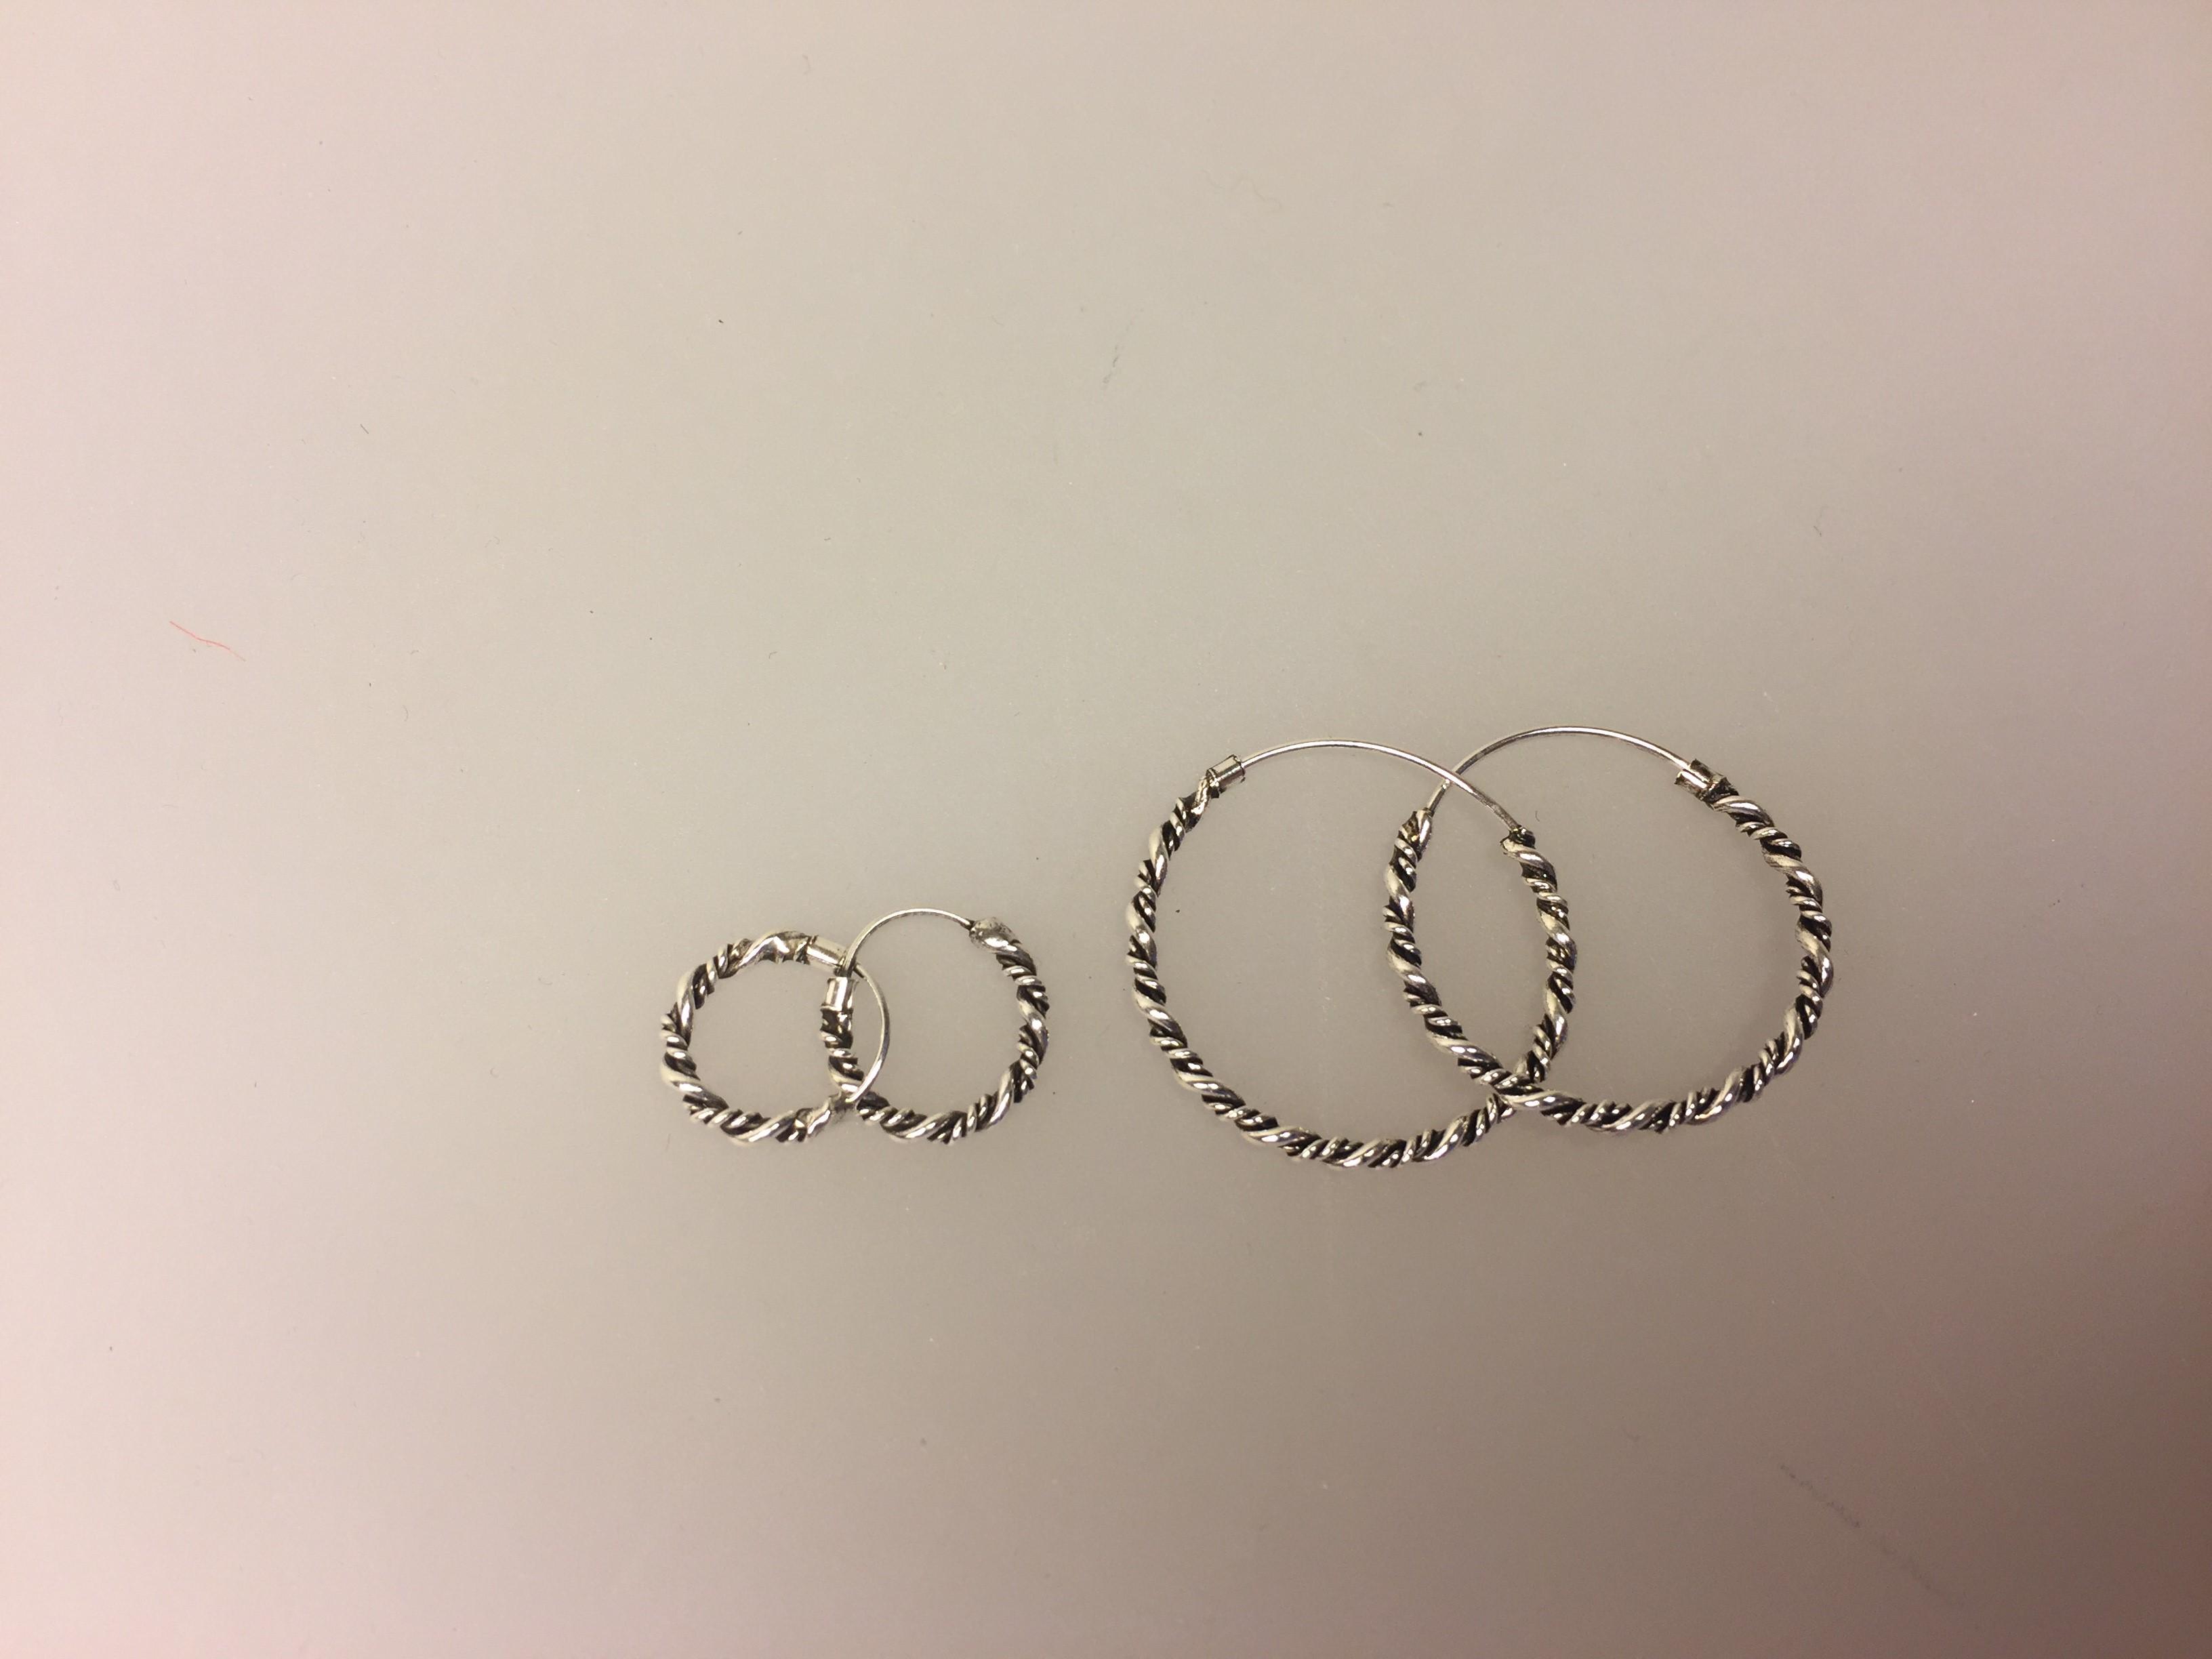 Ø 25 mm Creol øreringe sølv - snoet vridmodel, Ø 12 mm Creol øreringe sølv - snoet vridmodel, vridcreol, hoops, twistet, snoninger, sølv, ægte, runde, ringe, øreringe, ørenringe, creoler, creol, stor, flot, kvalitet, lave priser, smart,